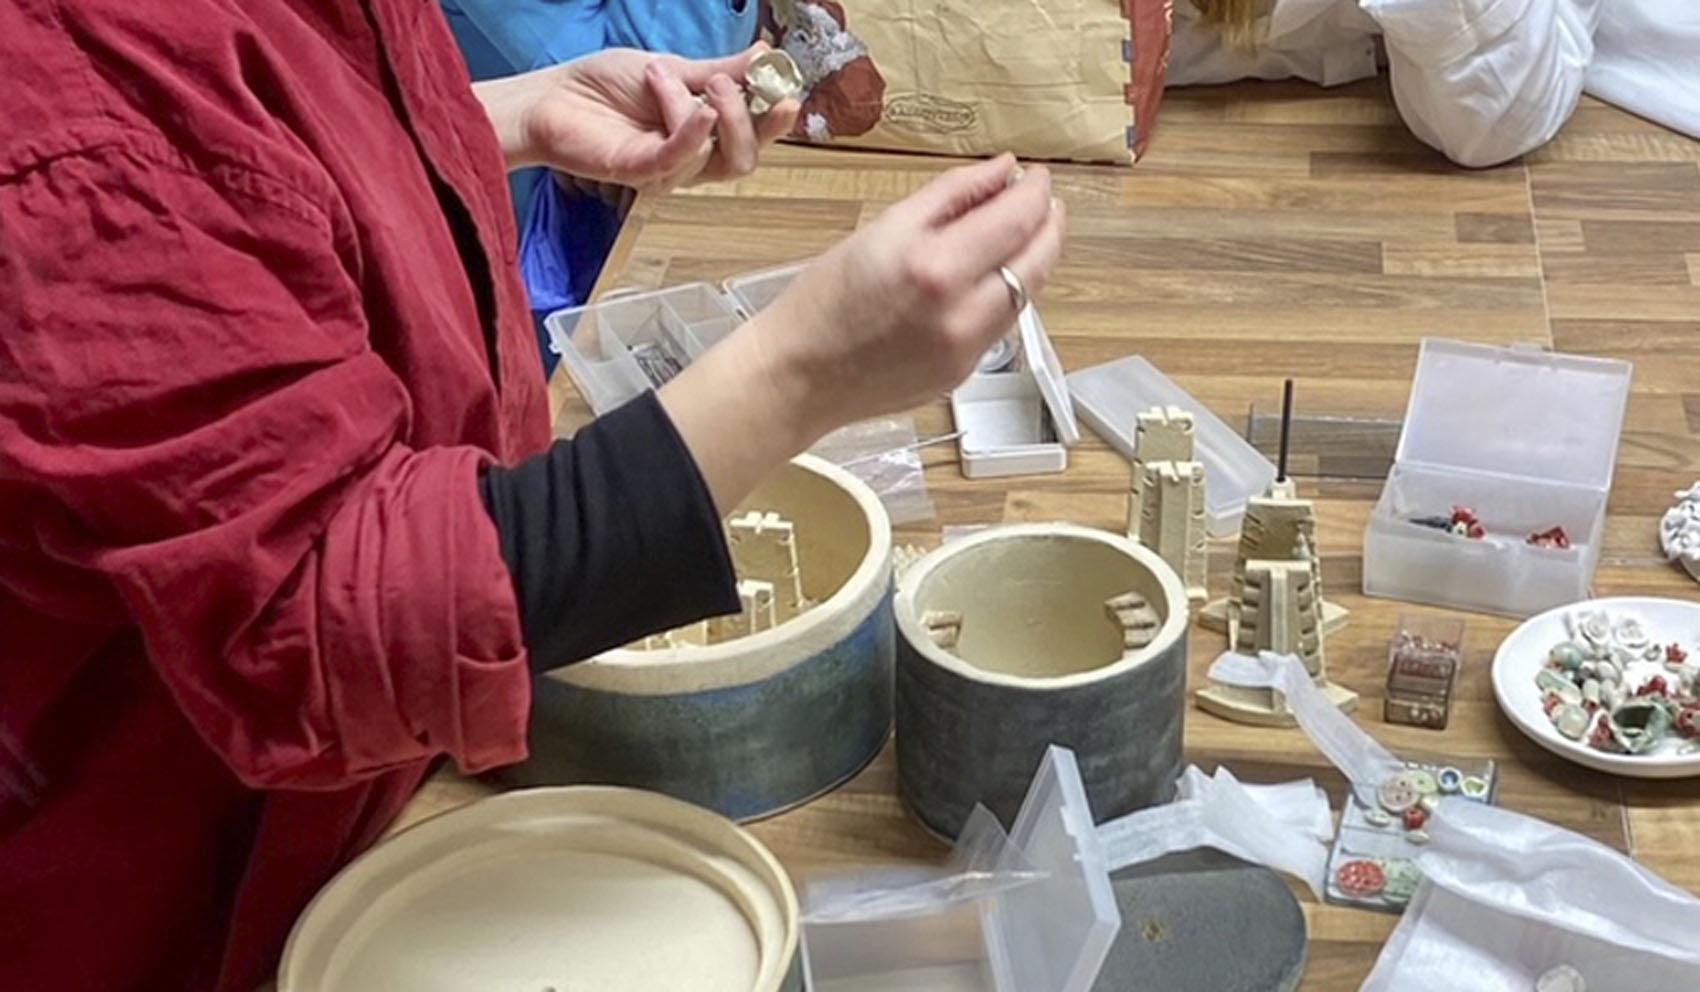 Joyería, complementos y cerámica con Miren Lore Garmendia.